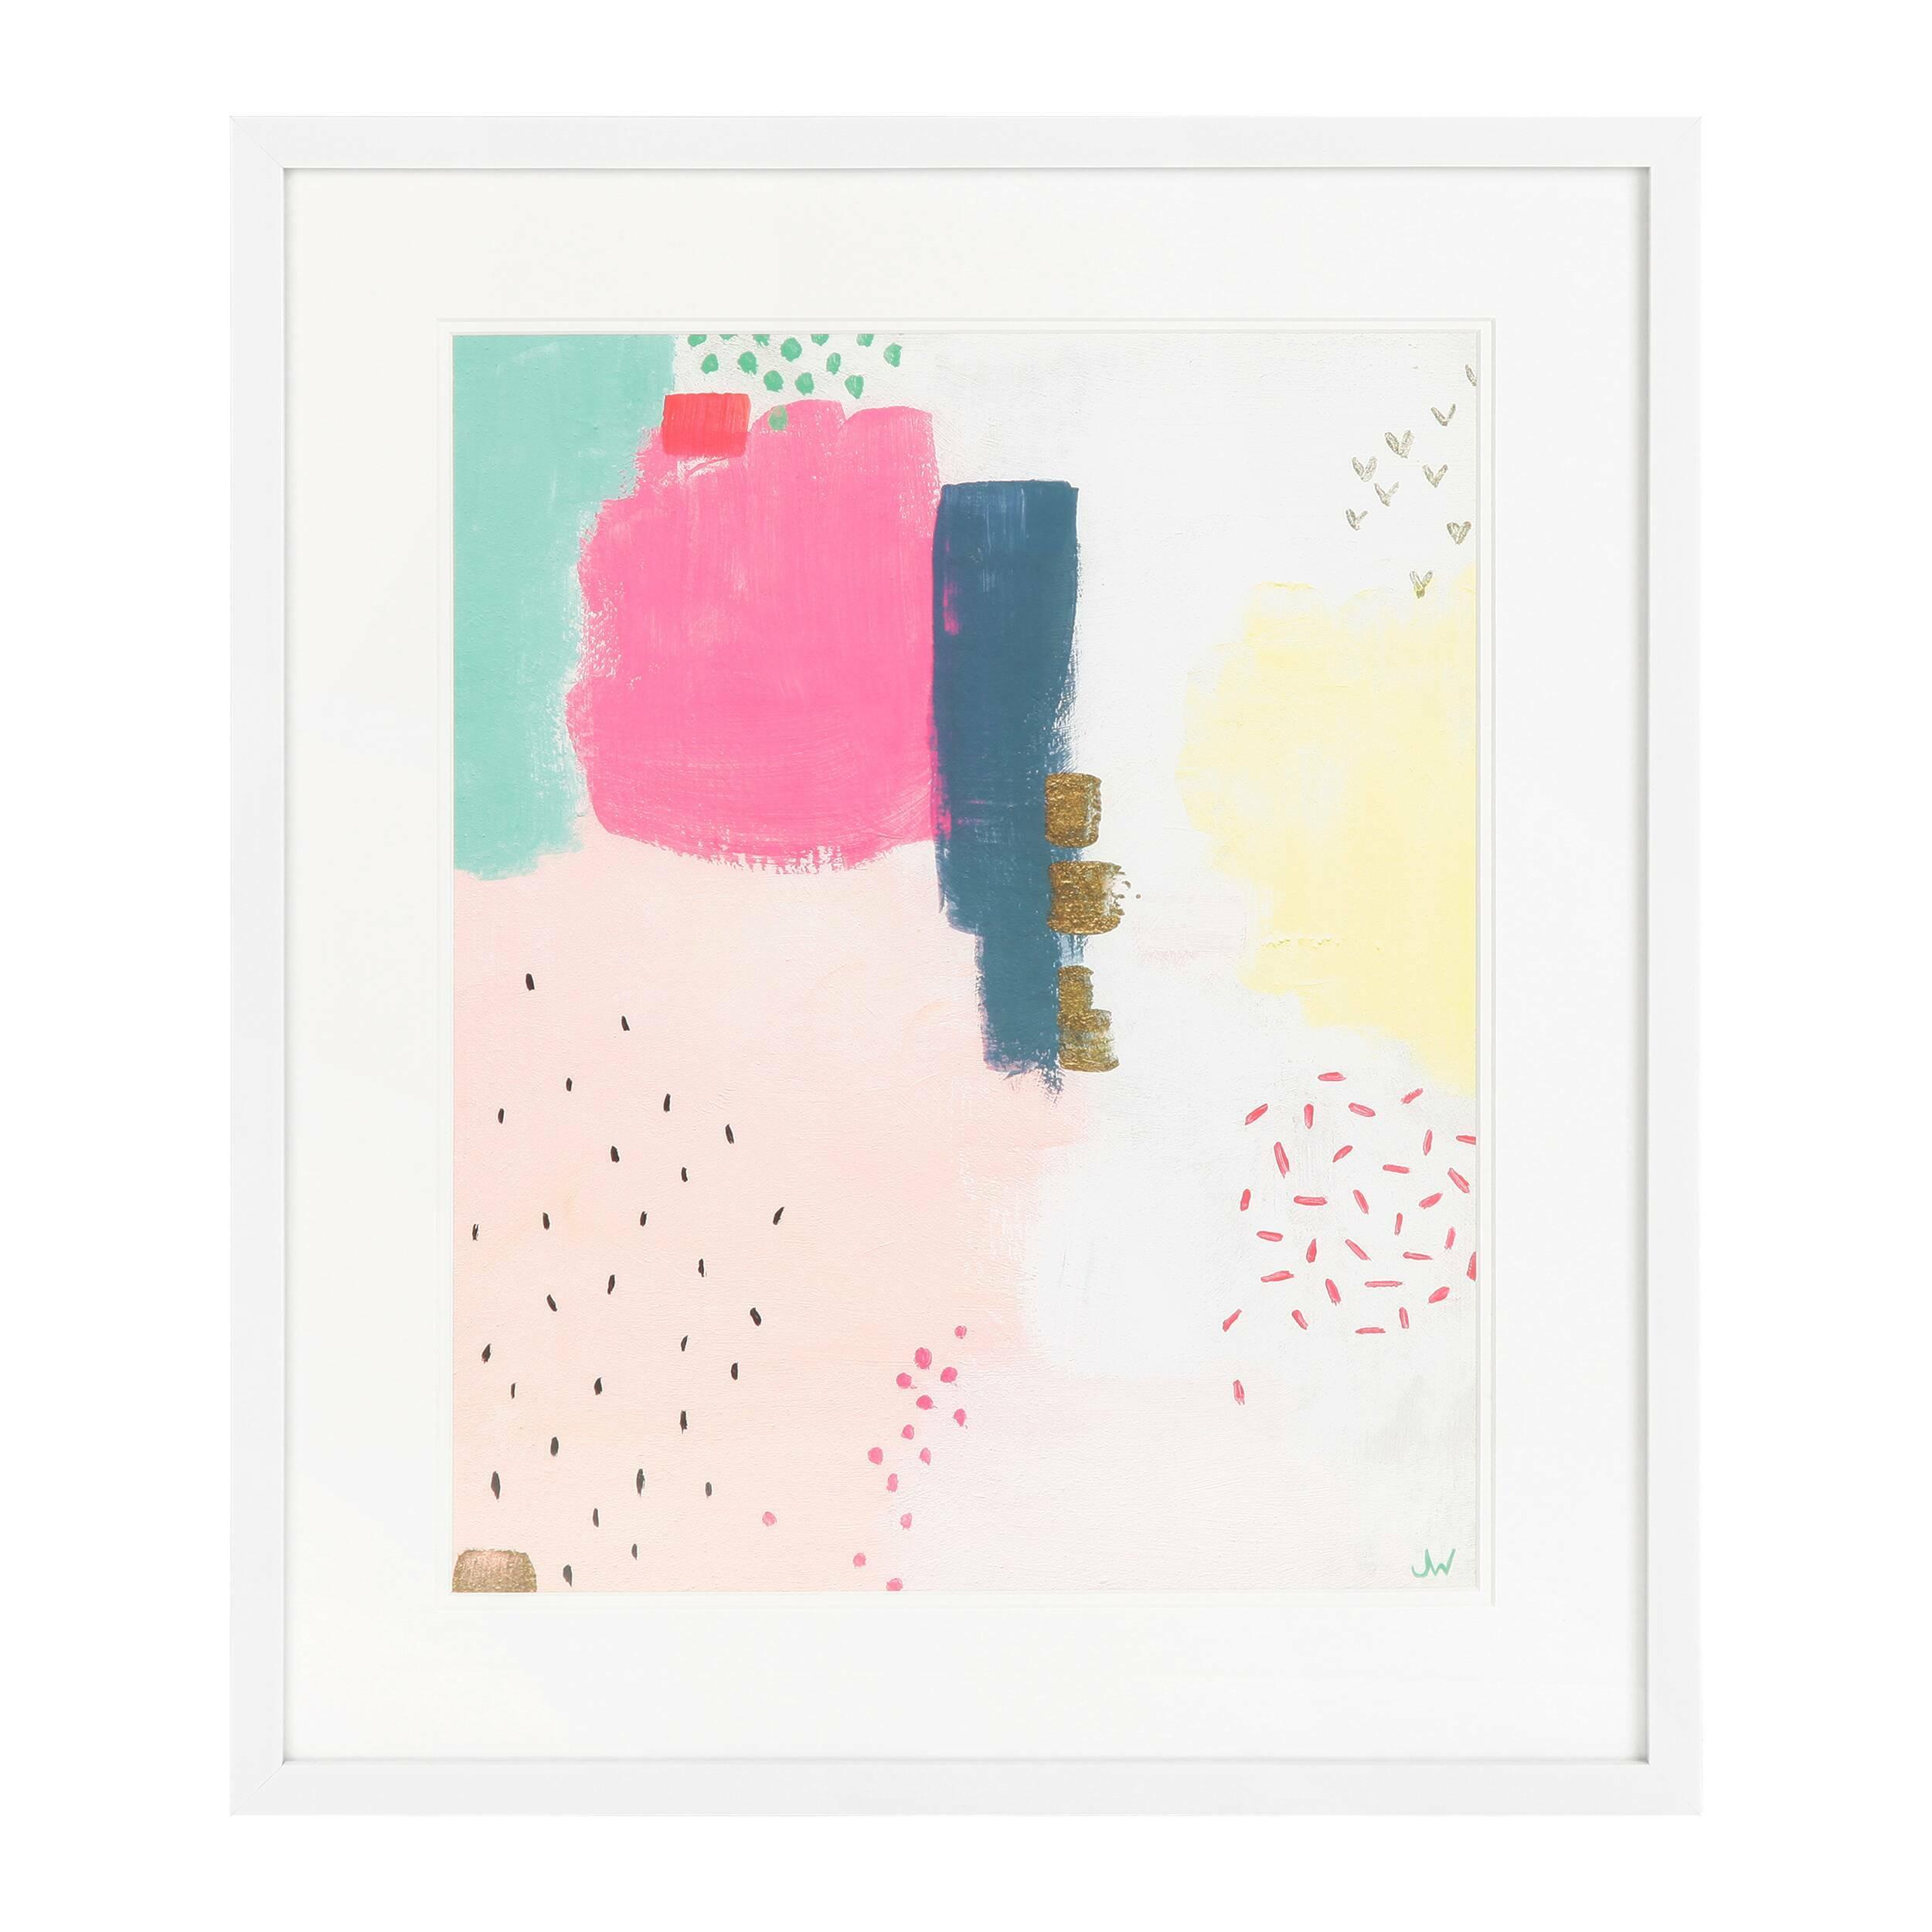 Постер Dots and SpeckleКартины<br>Абстракционизм приобрел небывалую популярность среди дизайнеров всего мира – и неудивительно, ведь с помощью таких изображений можно придать помещению совершенно уникальный вид и неповторимую атмосферу. Дизайнерский постер Dots and Speckle (Дотс энд Спекл) придаст помещению индивидуальность и современный стиль, а оригинальное исполнение будет дарить вашим домочадцам и гостям отличное настроение.<br><br><br> Dots and Speckle в переводе с английского означает «точки и пятна». Абстракция оформлена...<br><br>stock: 11<br>Ширина: 55,8<br>Цвет: Разноцветный<br>Длина: 65,8